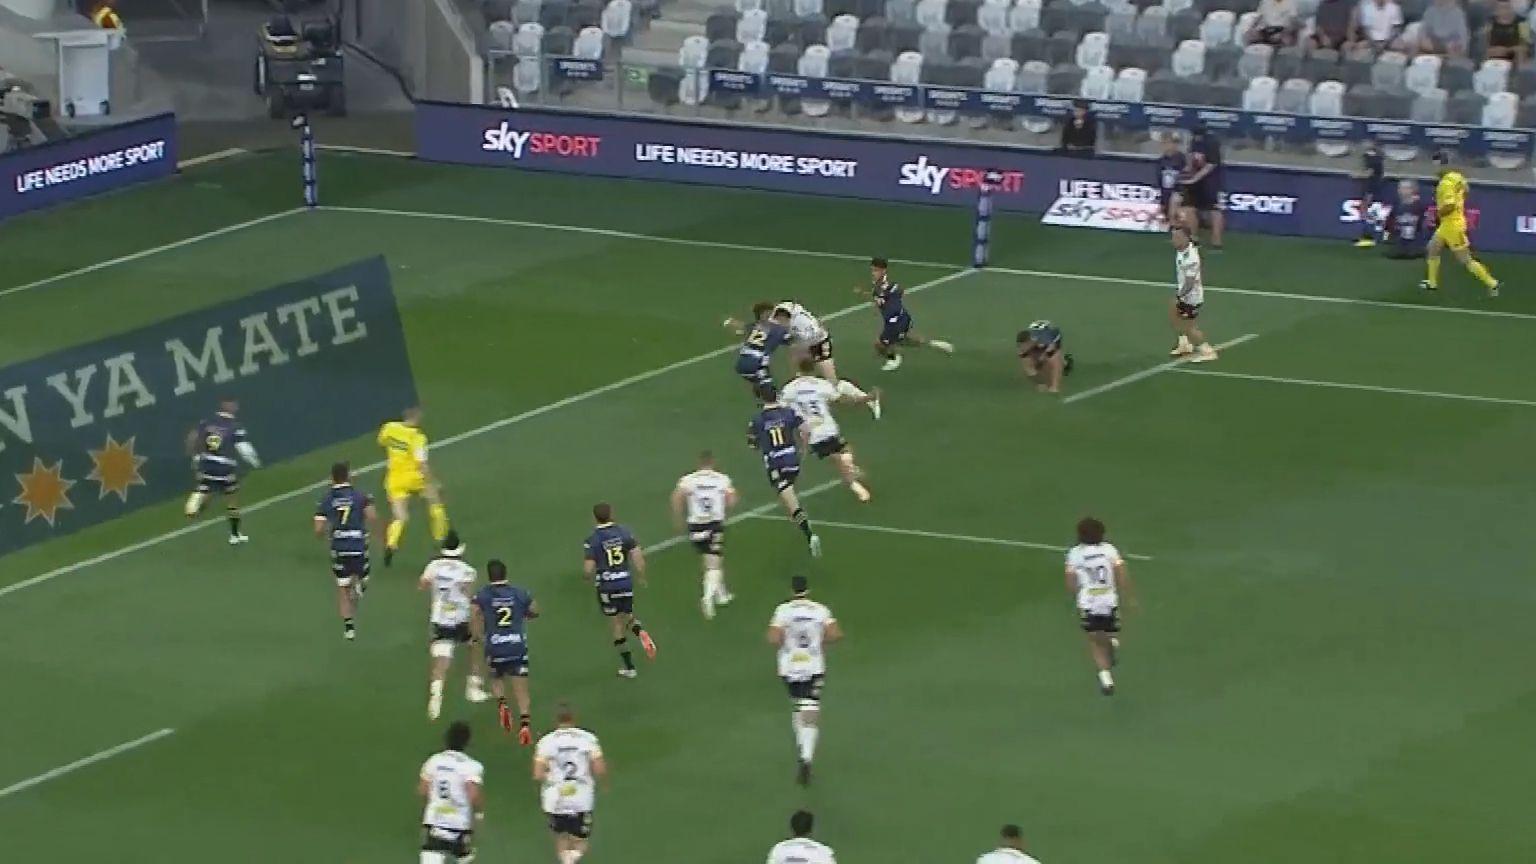 Super Rugby Aotearoa: Hurricanes fullback Jordie Barrett demolishes the Highlanders